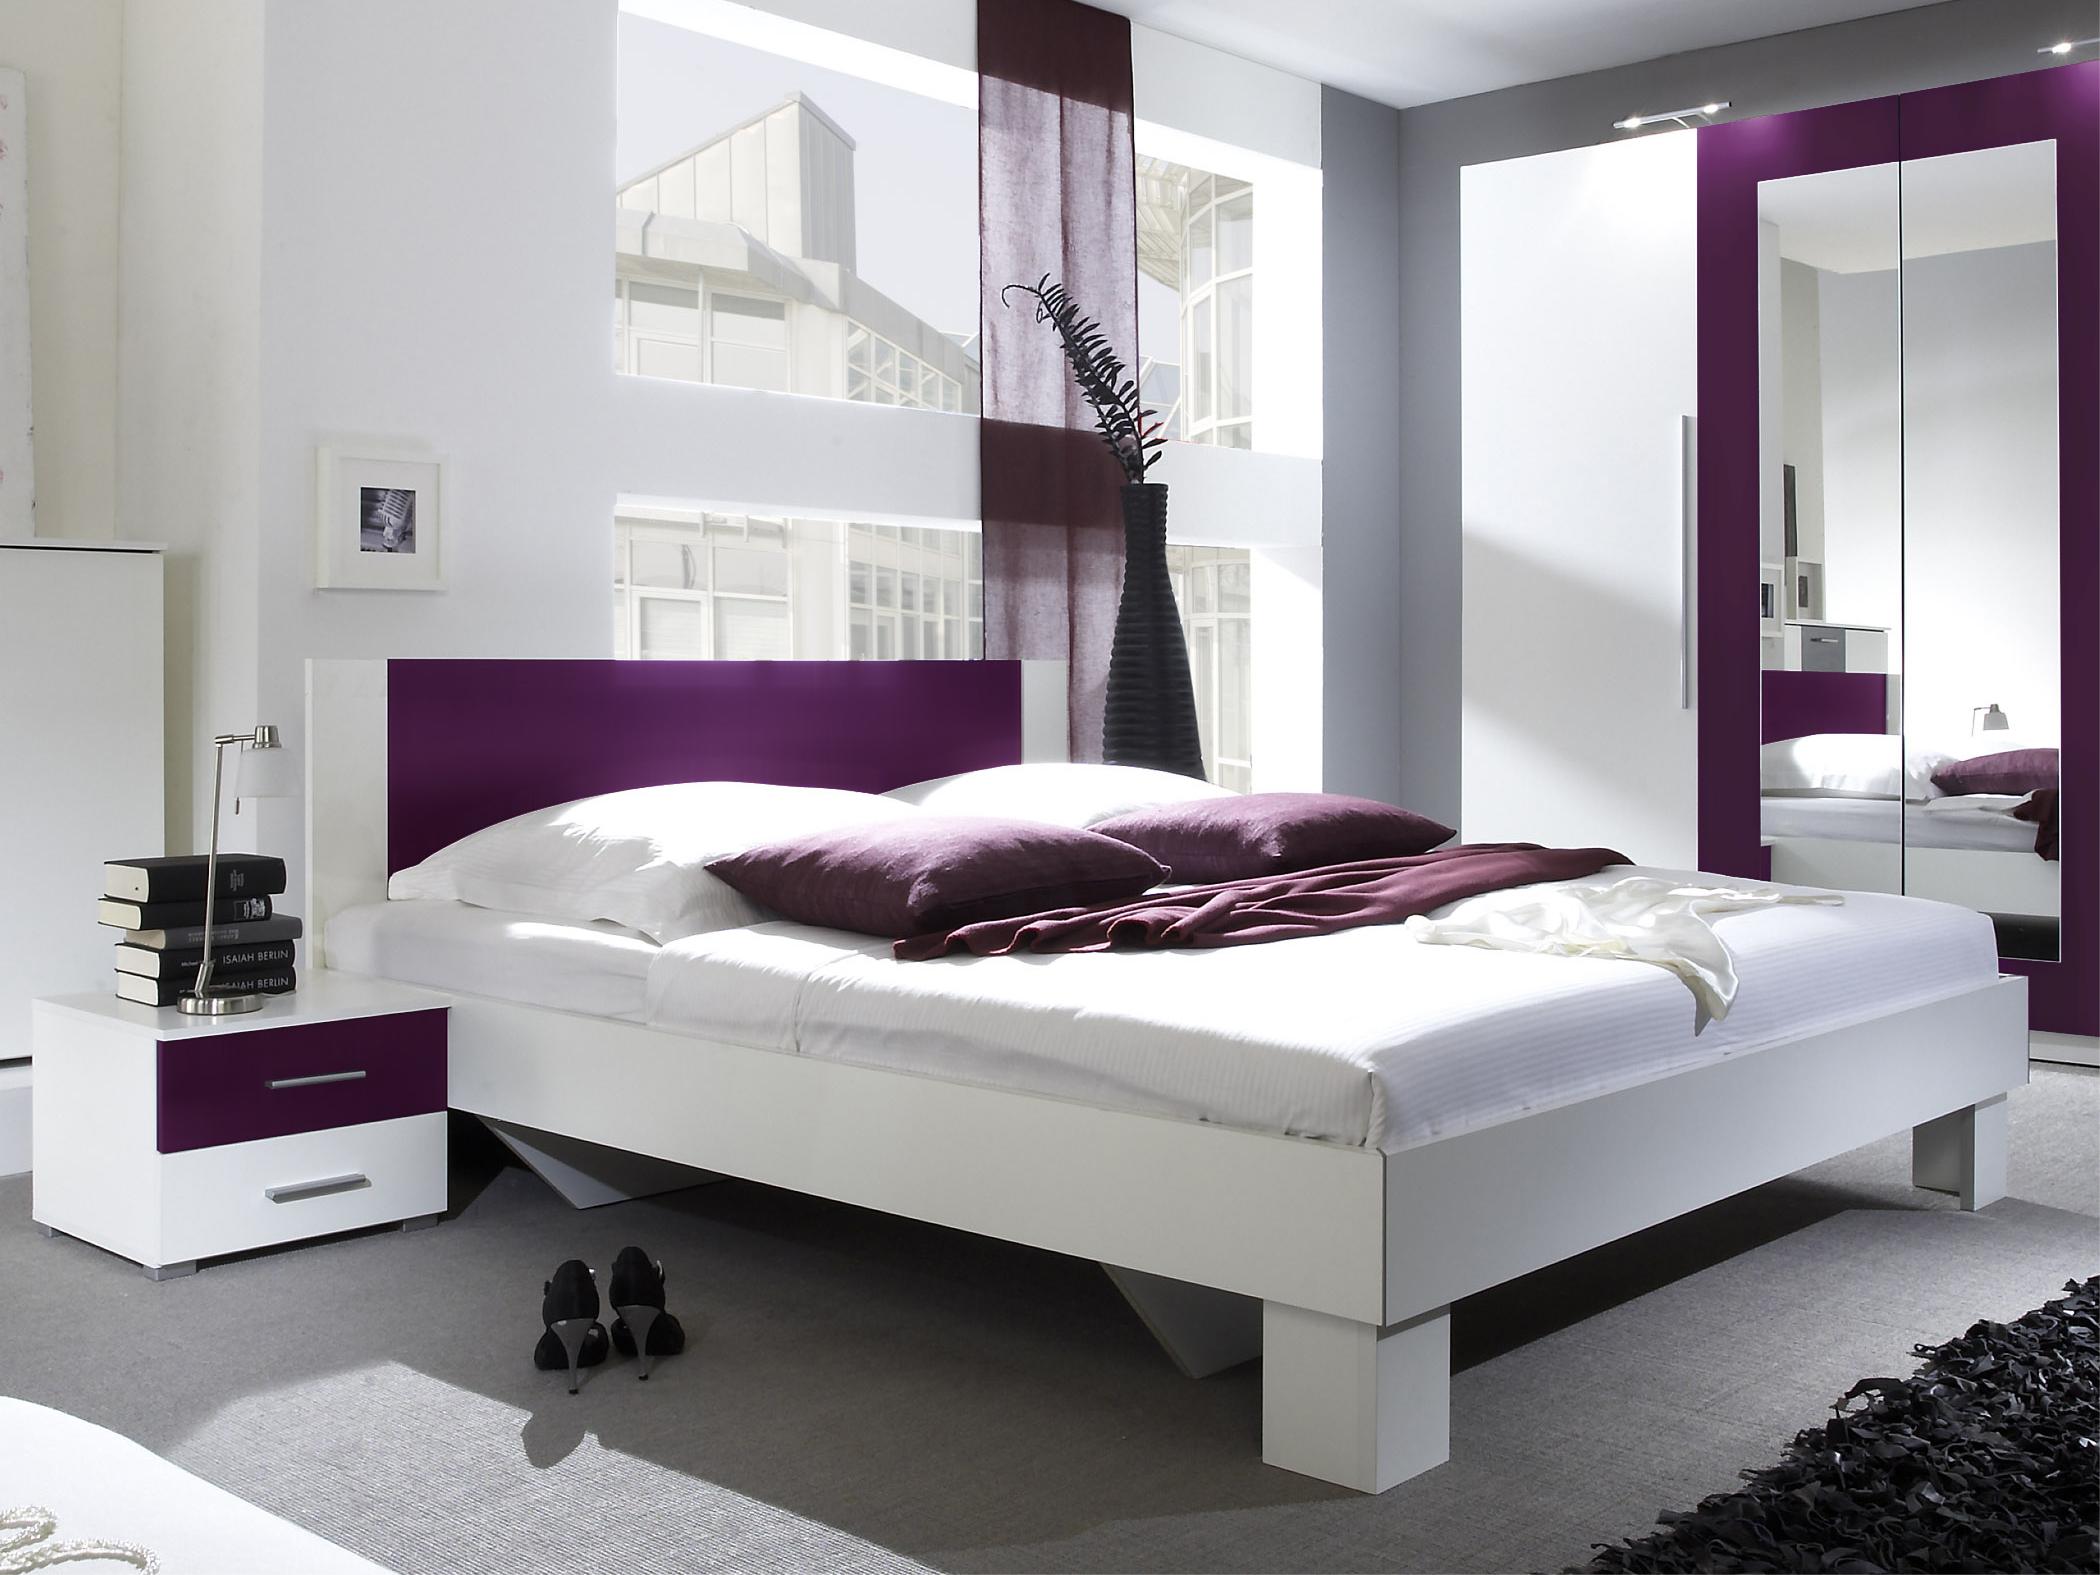 Manželská postel 160 cm - Verwood - Typ 51 (bílá + fialová) (s noč. stolky)